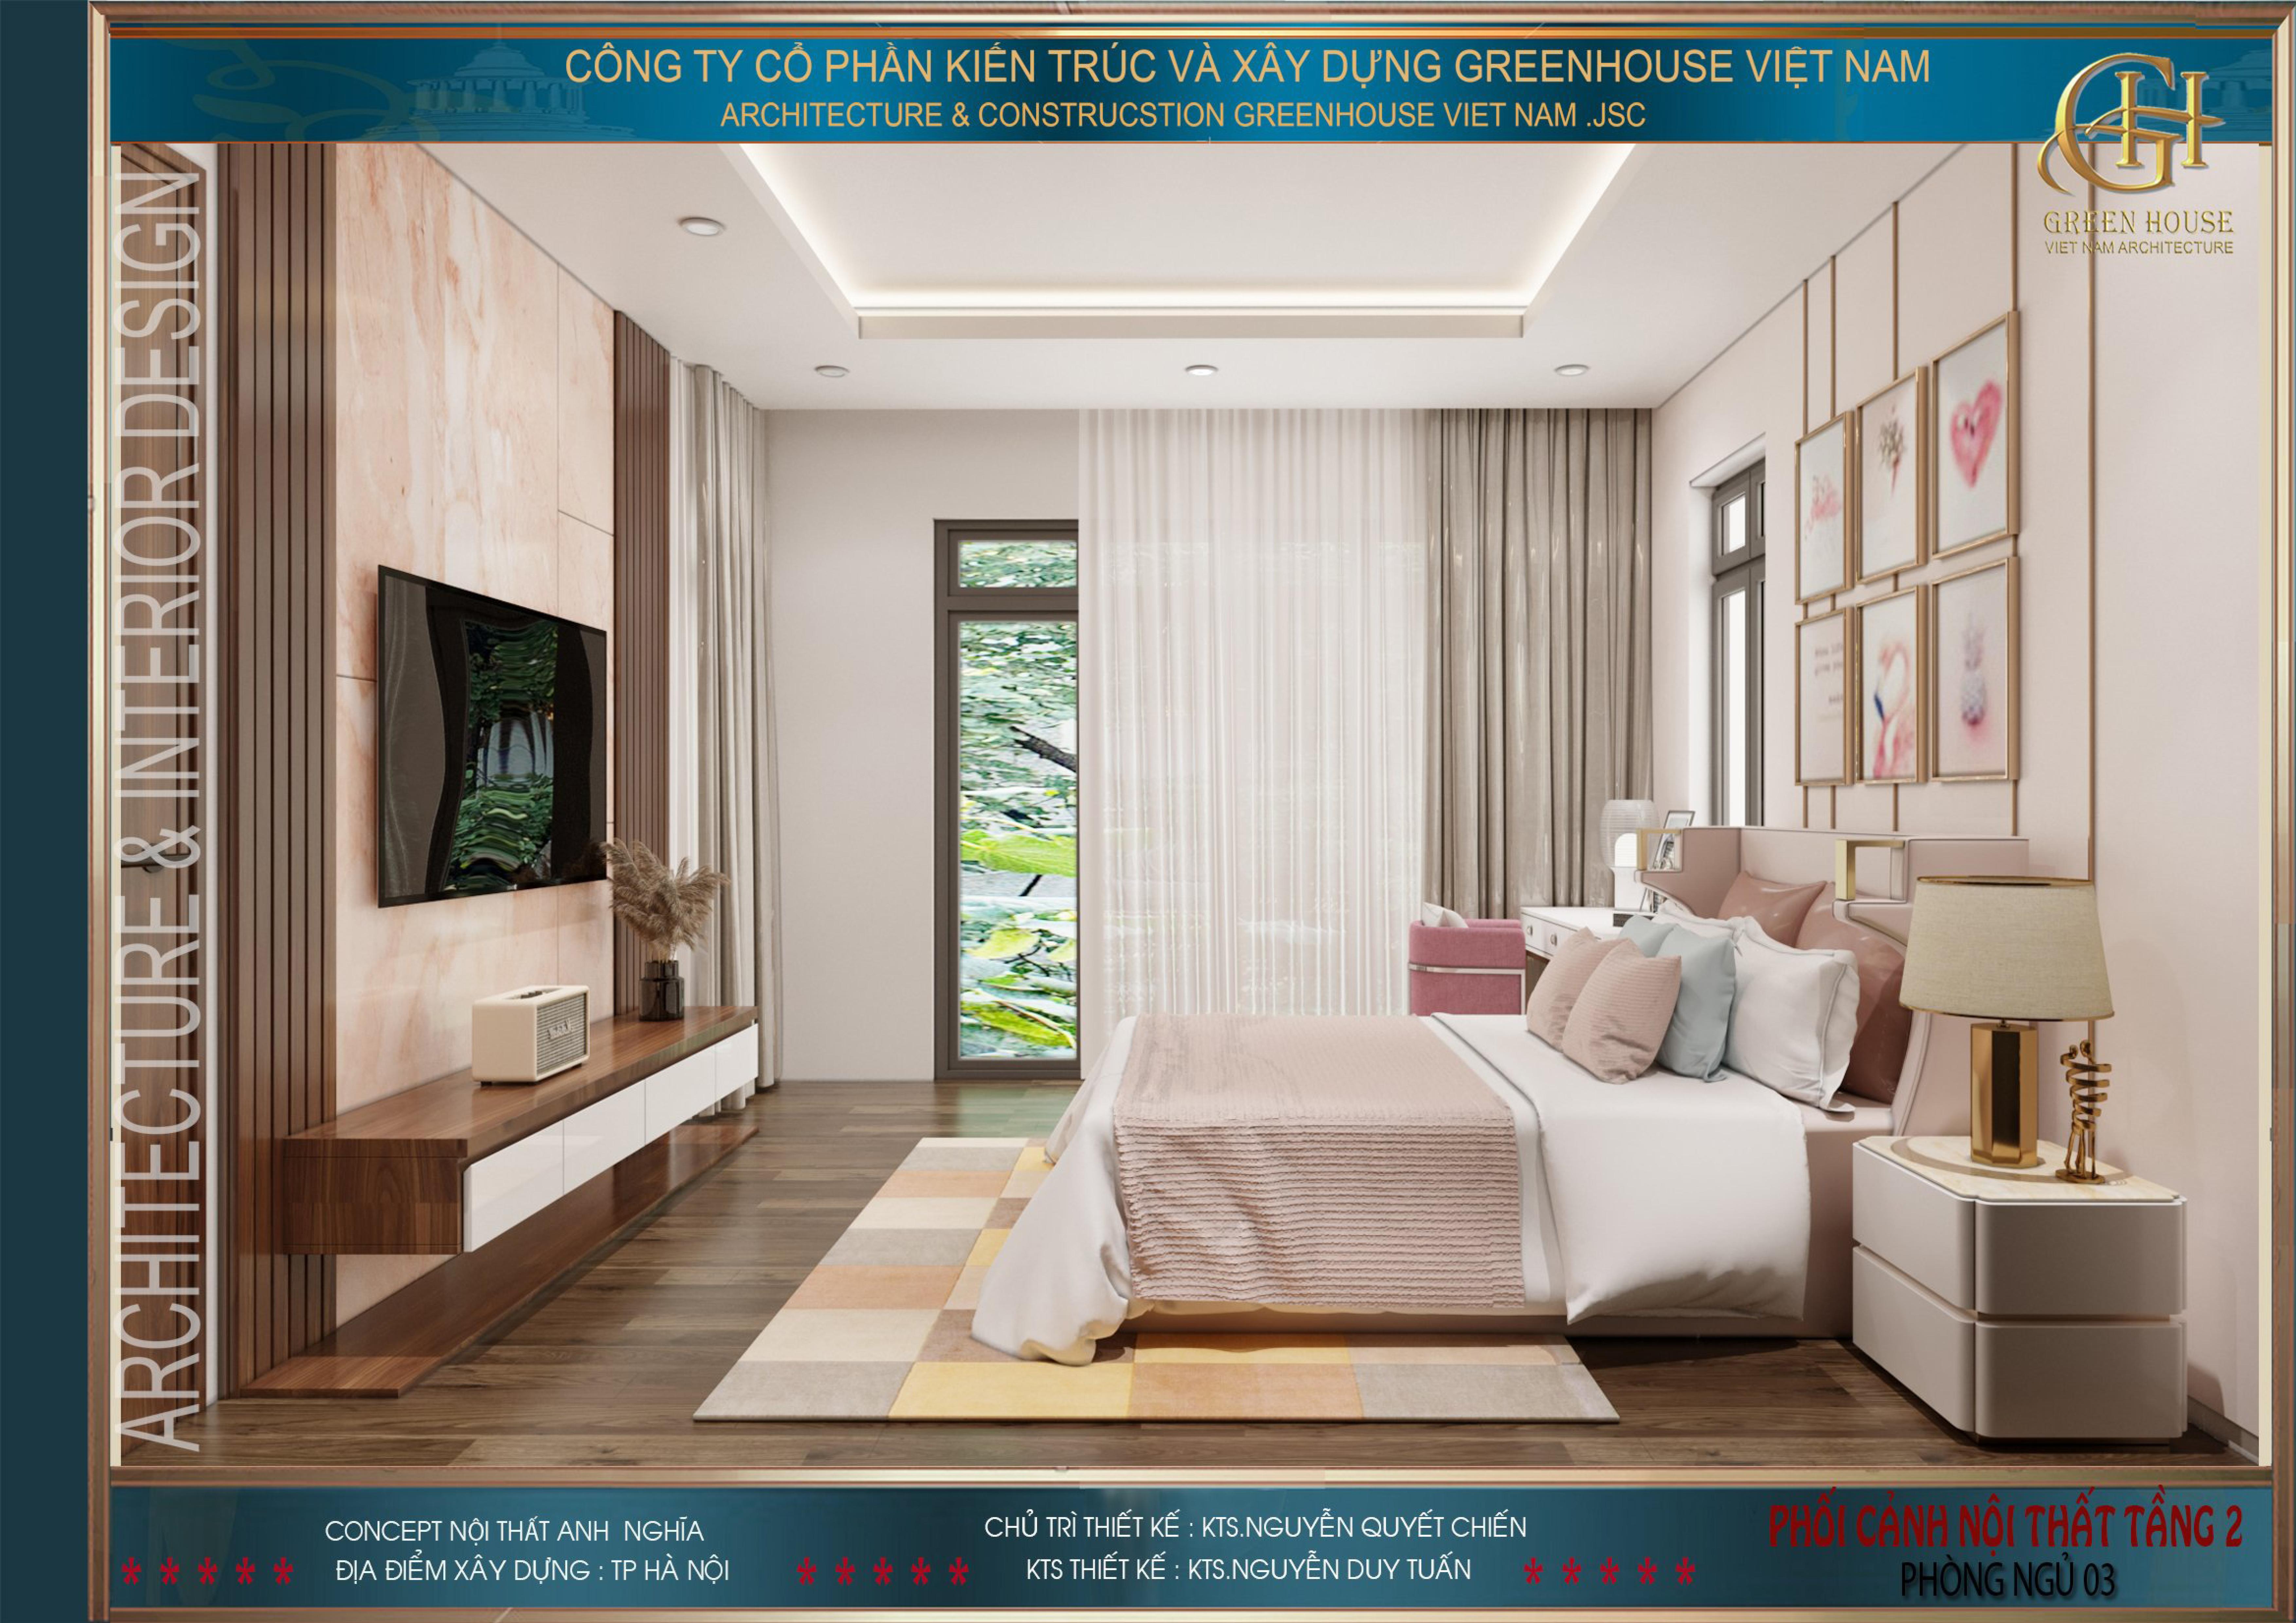 Phòng ngủ được thiết kế đầy đủ nội thất cần thiết